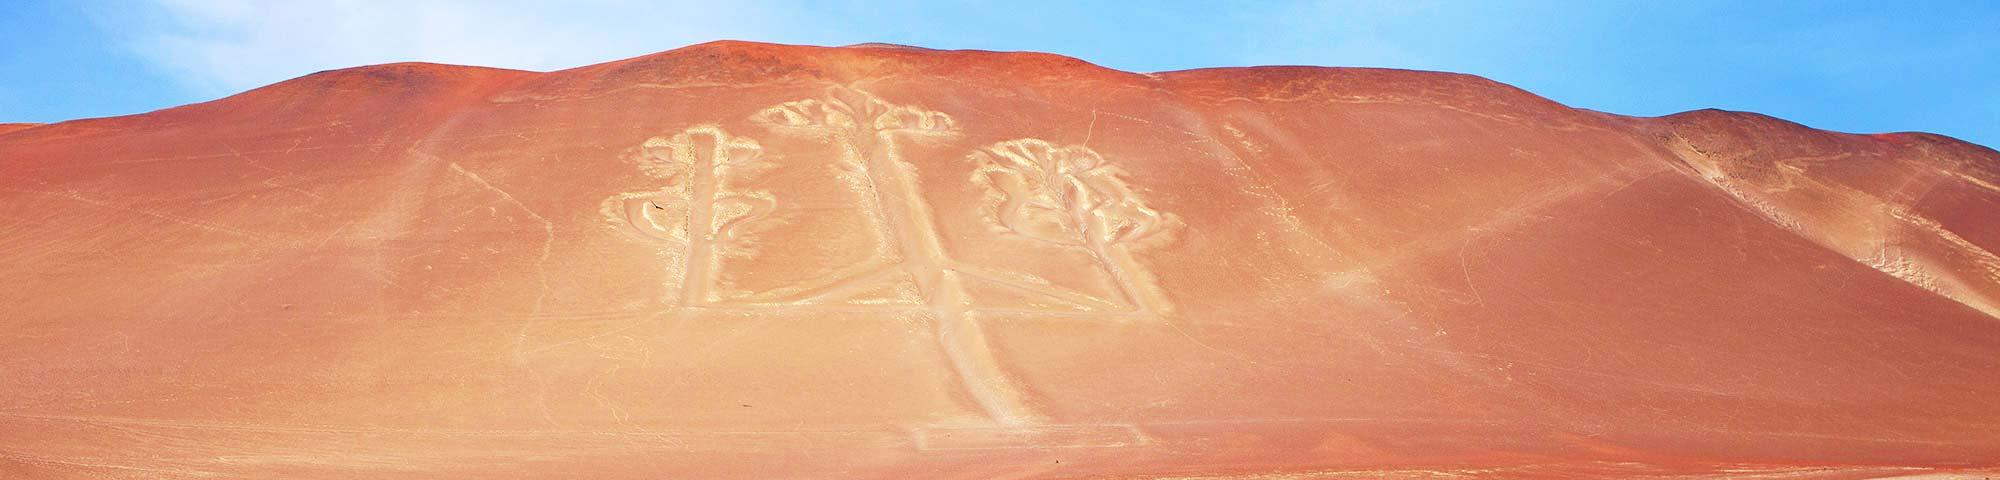 Diversas empresas turísticas de Paracas en Perú reciben el Sello Safe Travels